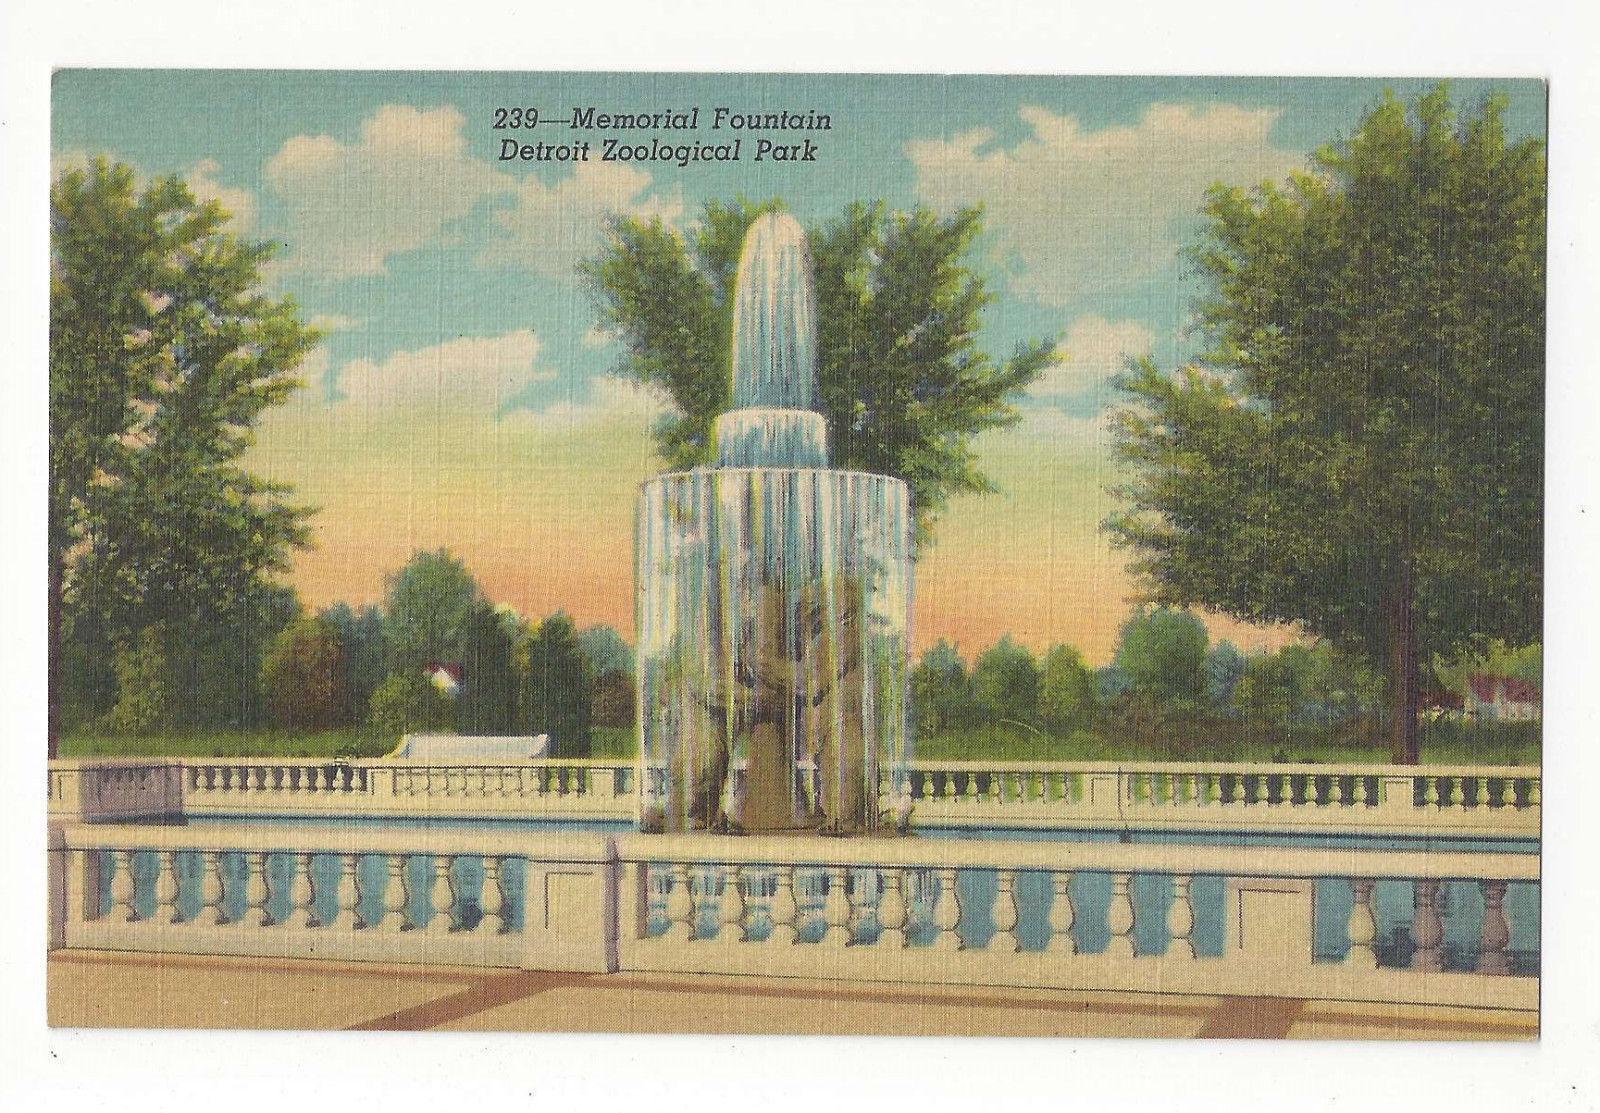 MI Detroit Zoological Park Horace Rockham Memorial Fountain Vtg Linen Postcard